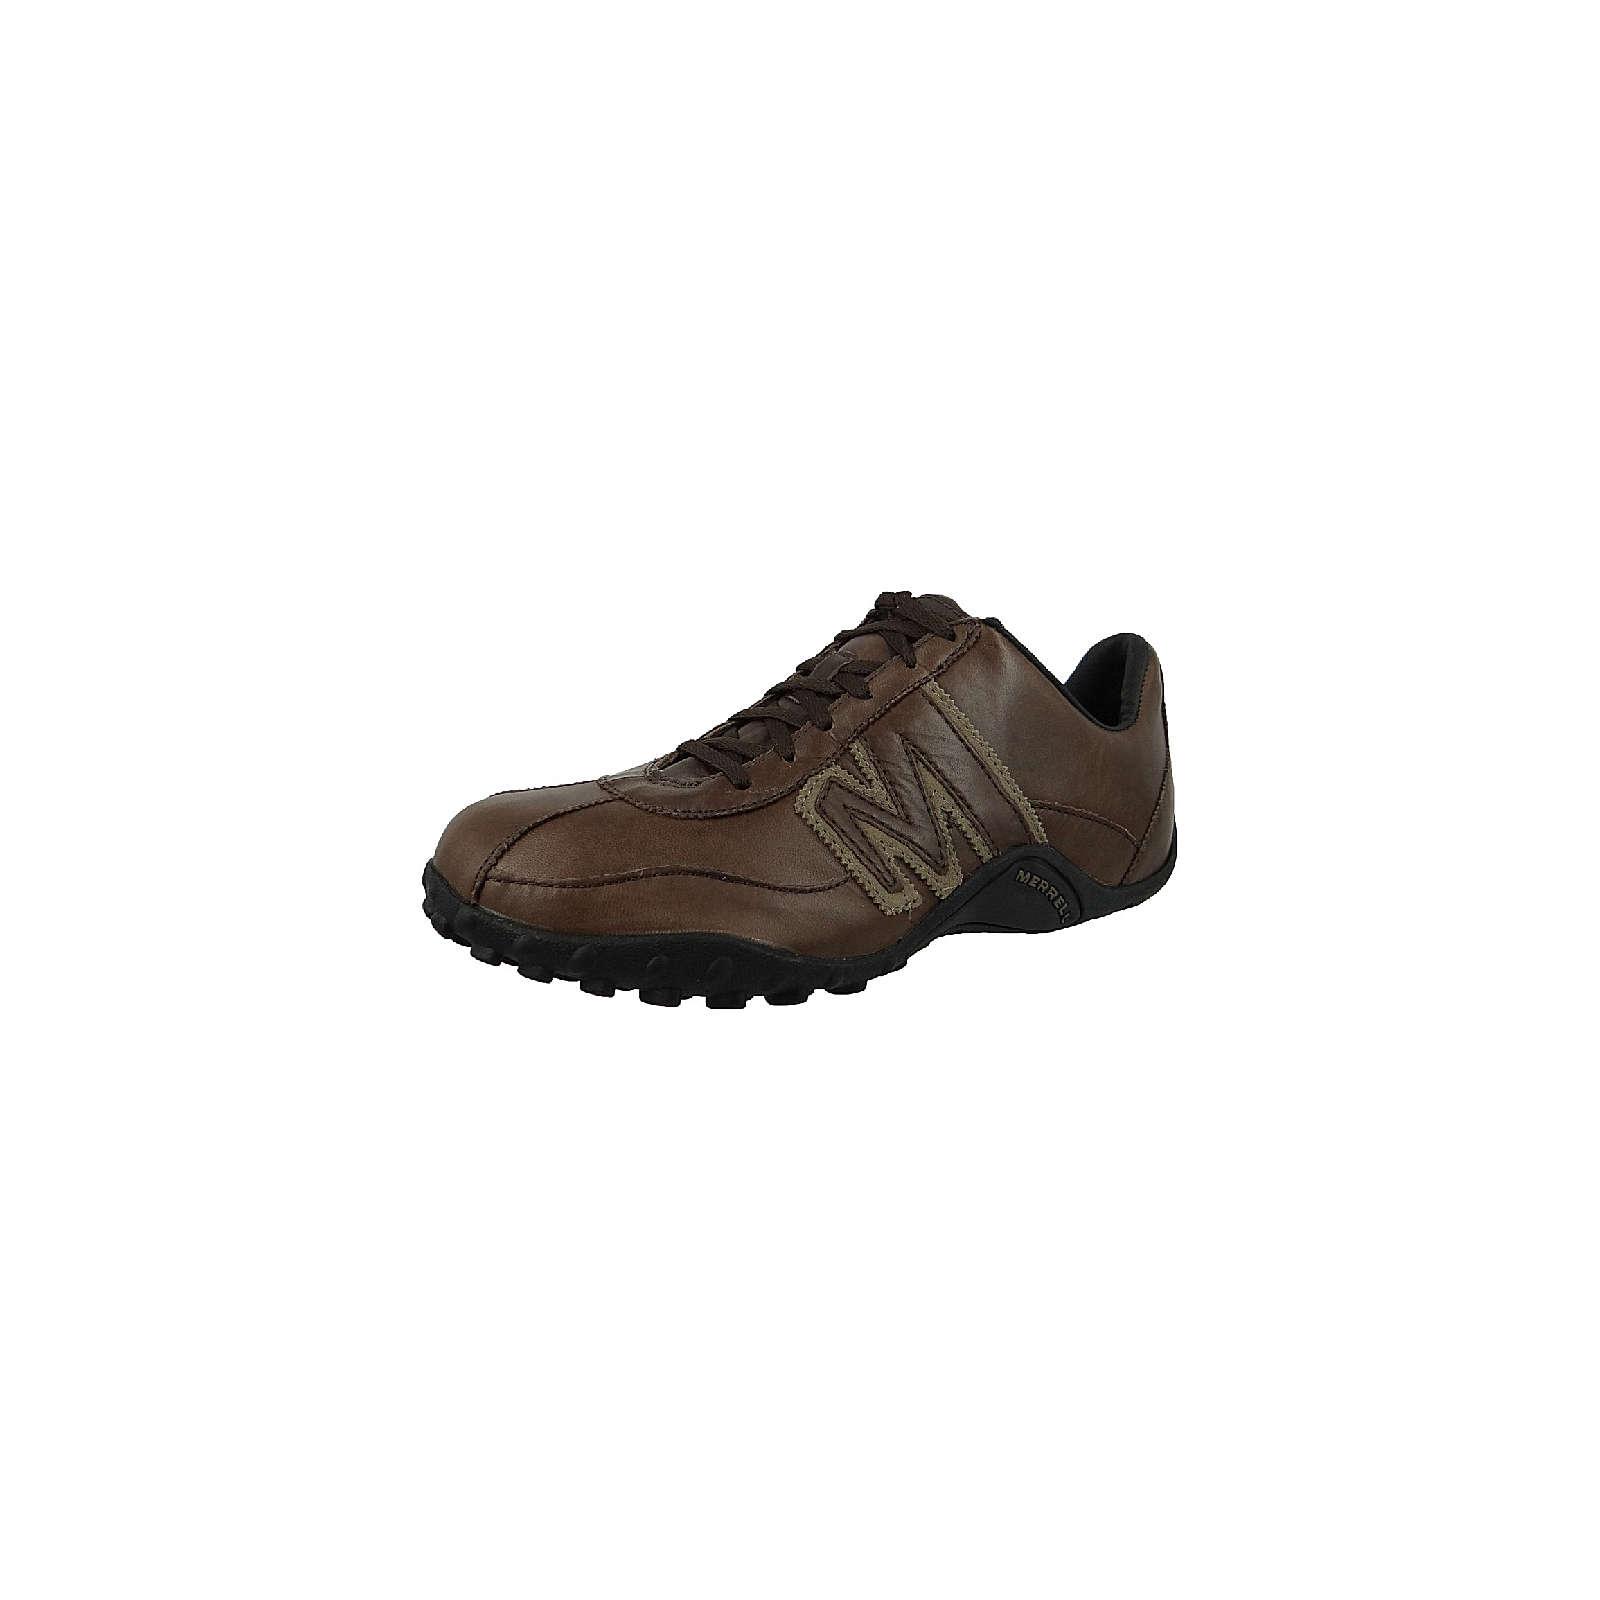 MERRELL Freizeit Schuhe Sprint Blast J15663 braun Herren Gr. 44